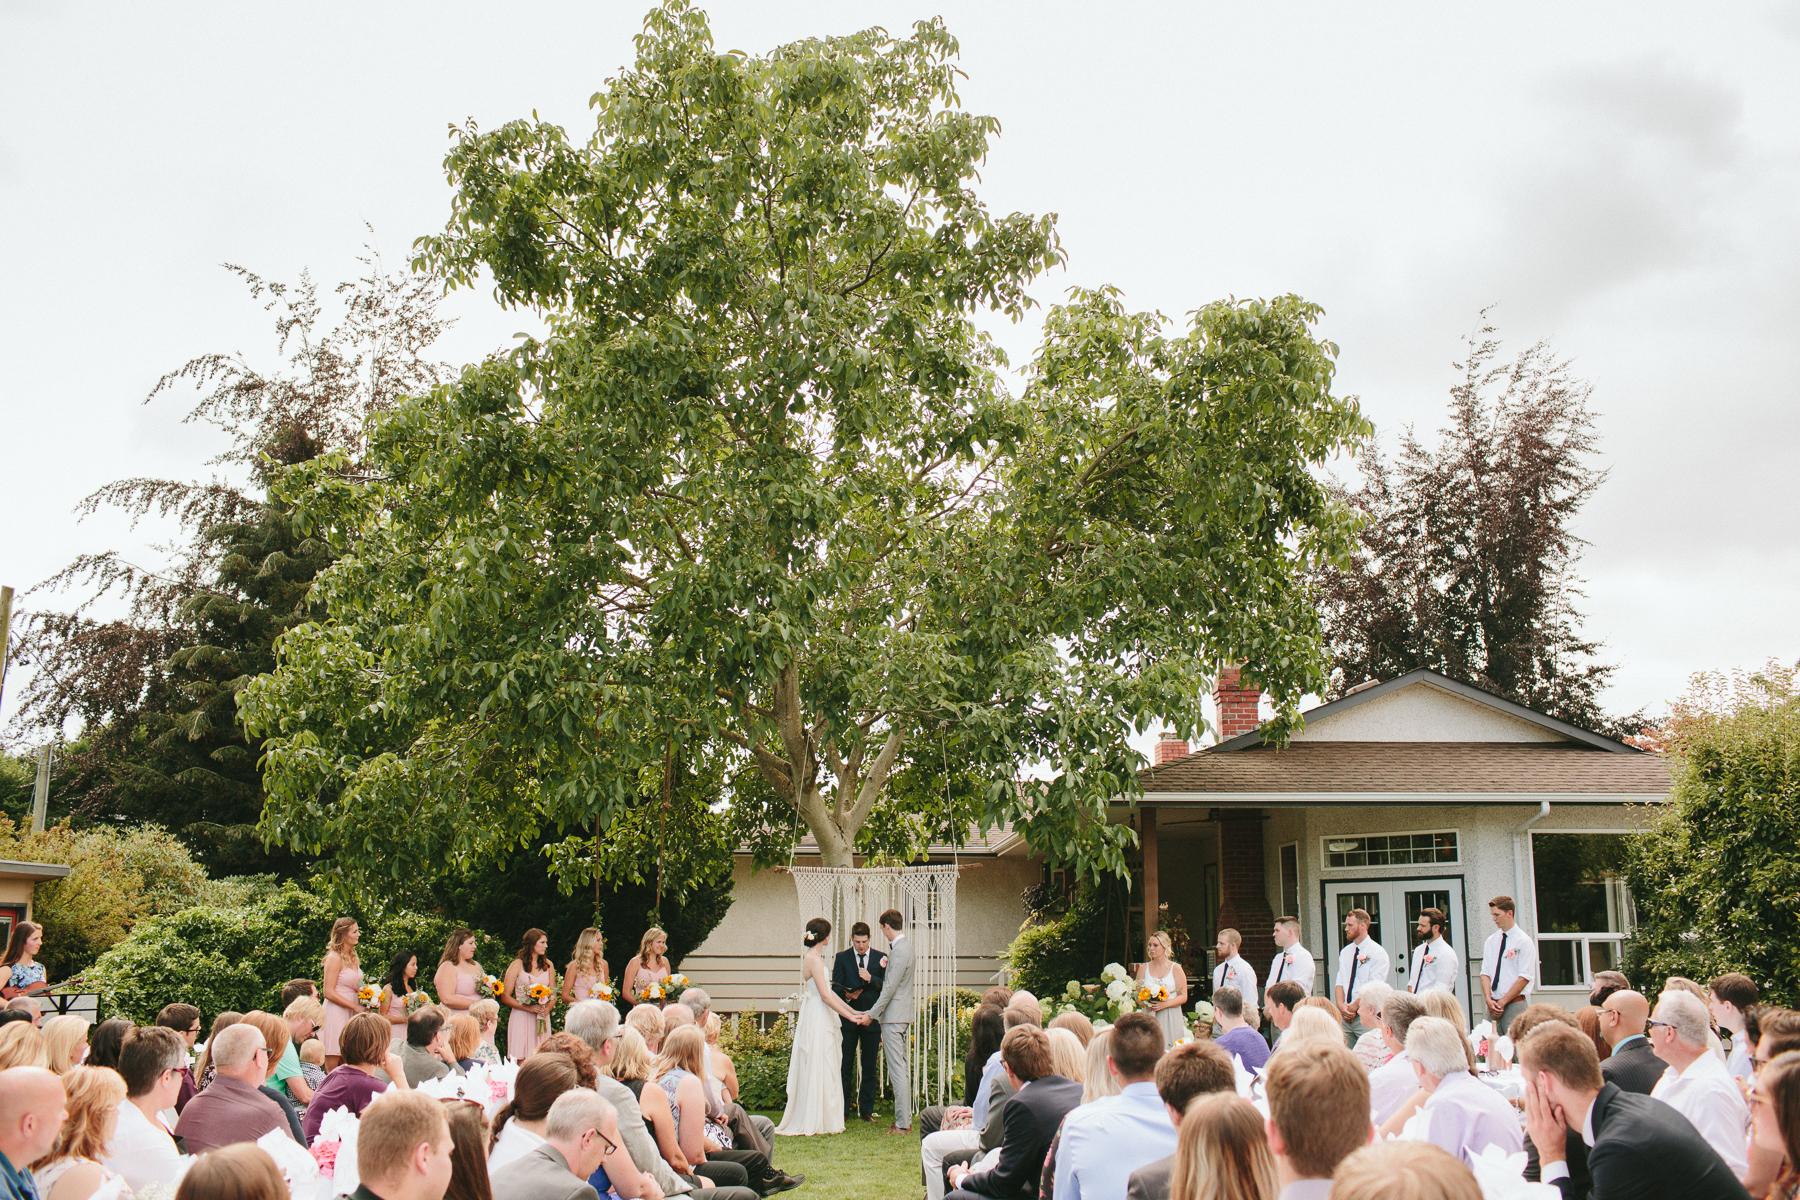 Vancouver-Rustic-Farm-Wedding-KB-115.jpg